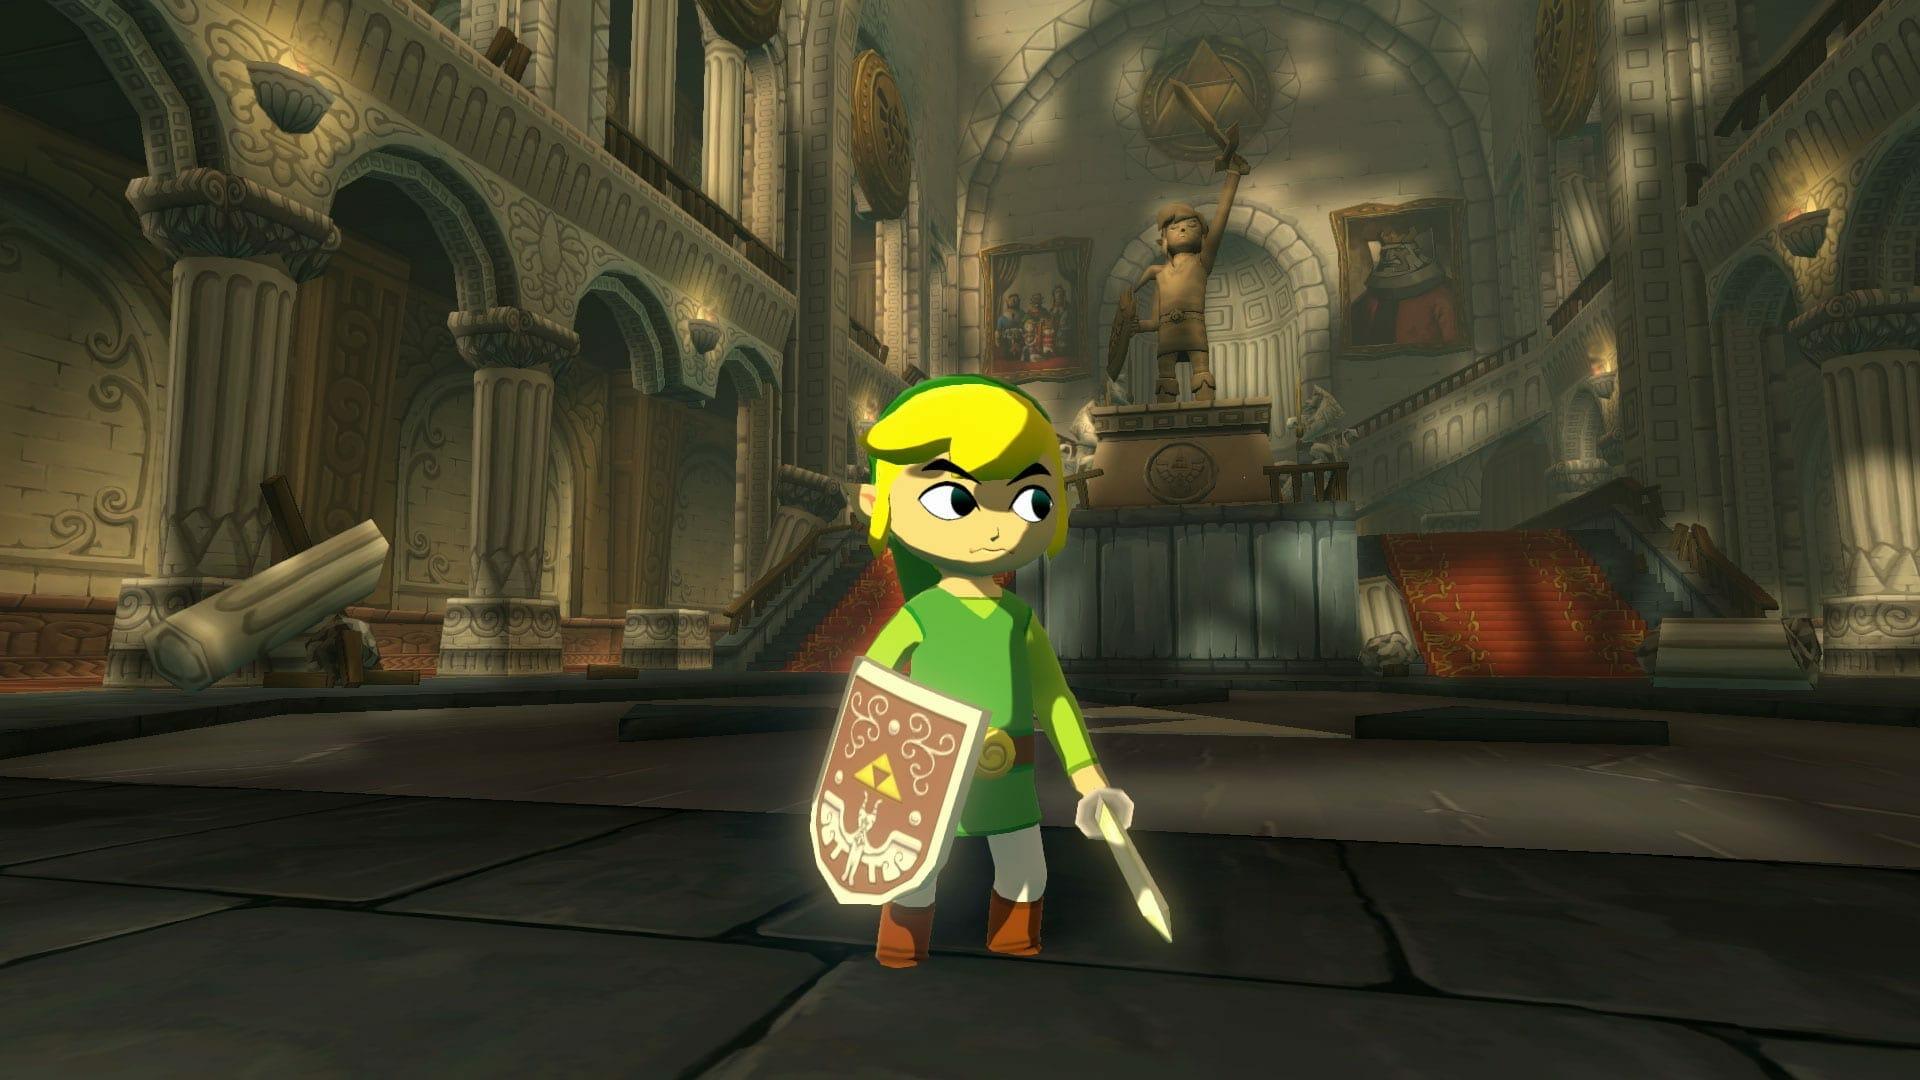 Best Zelda Games on PC